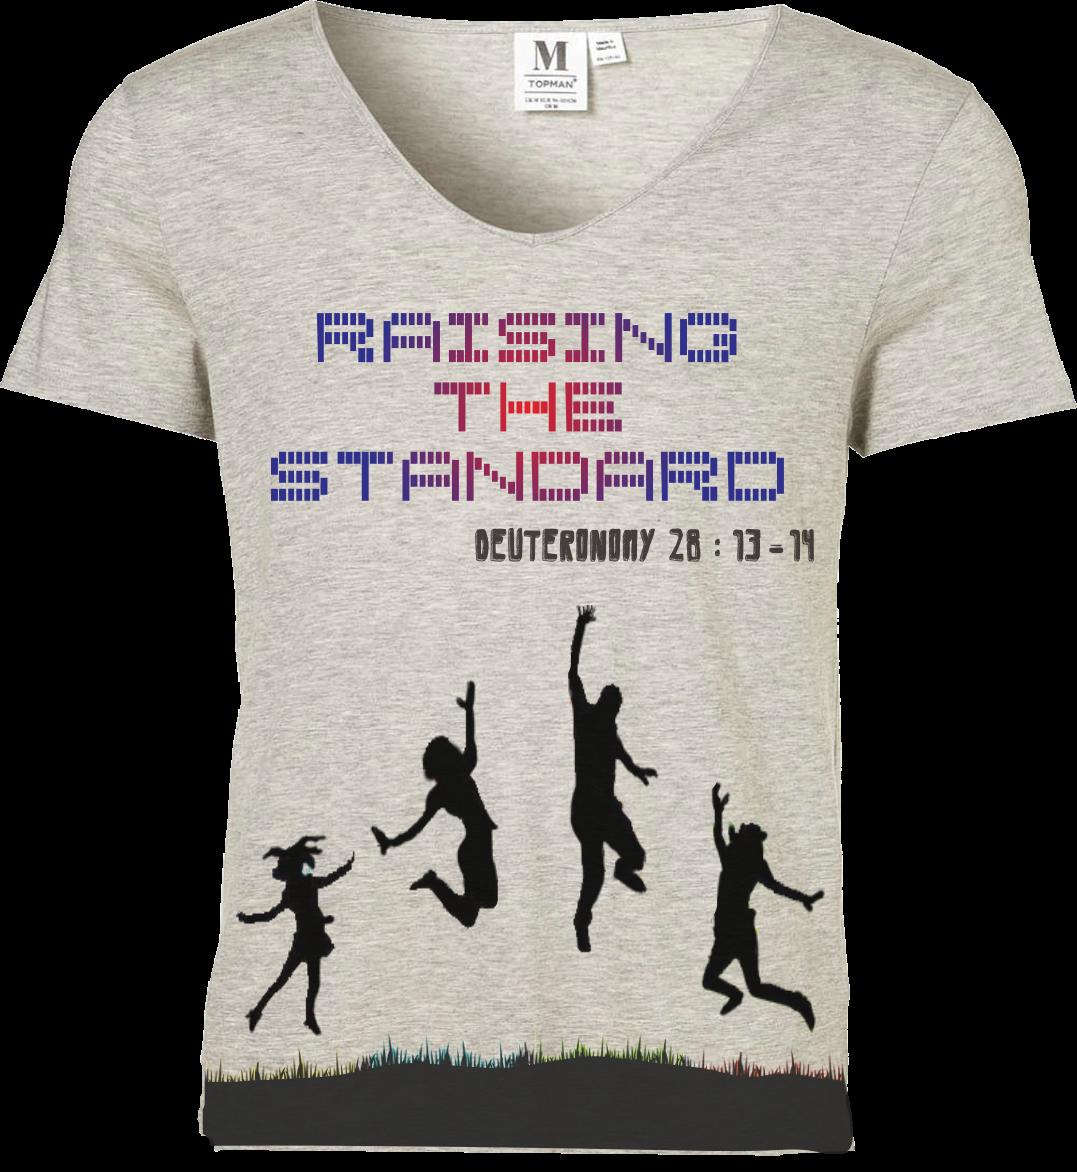 Contoh Design Printing t Shirt Contoh Design T-shirt